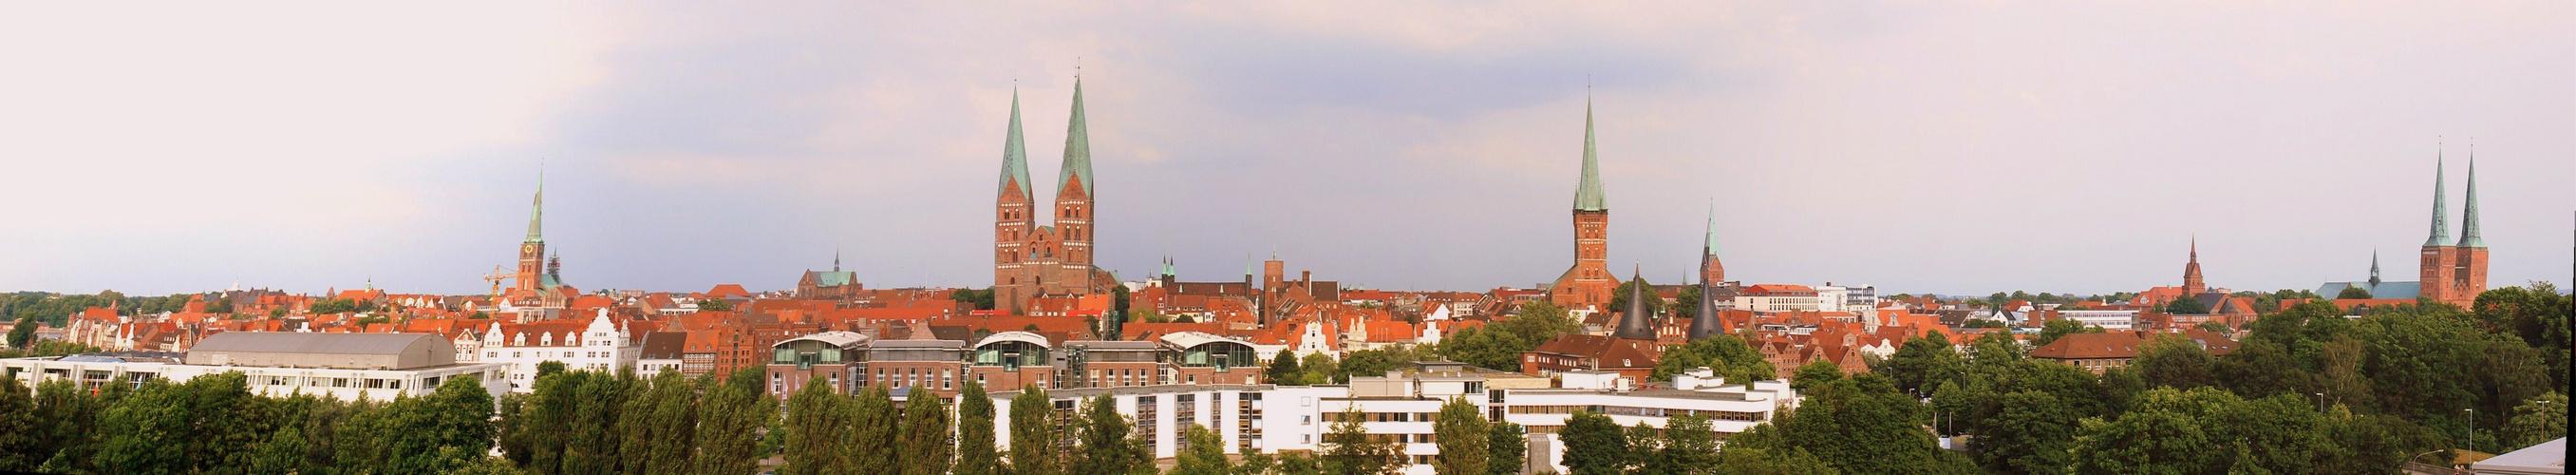 Stadtansicht von Lübeck !